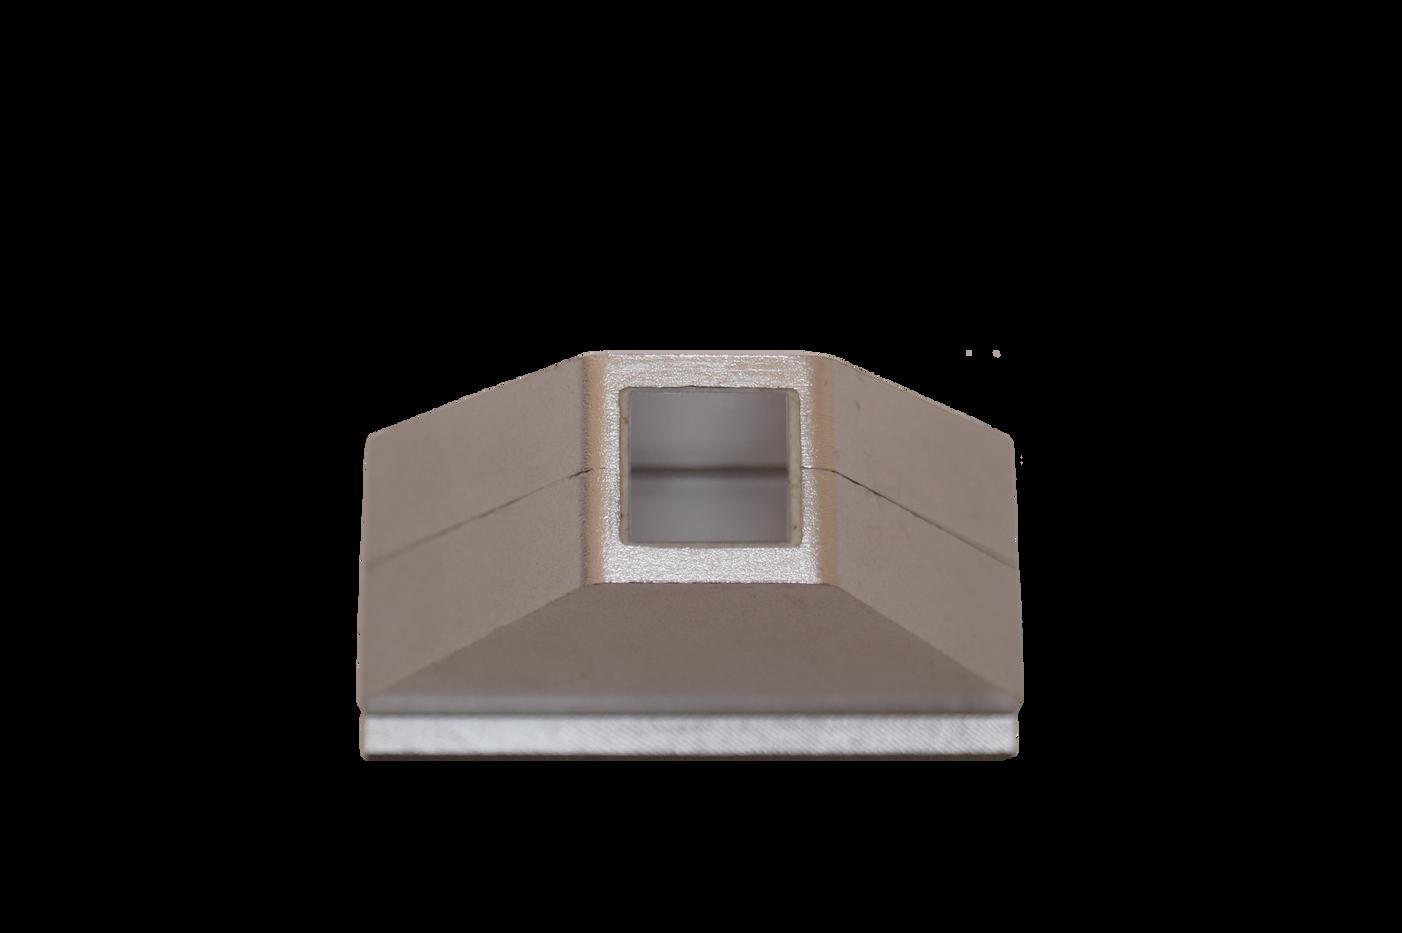 Diodenlaser Aufsatz